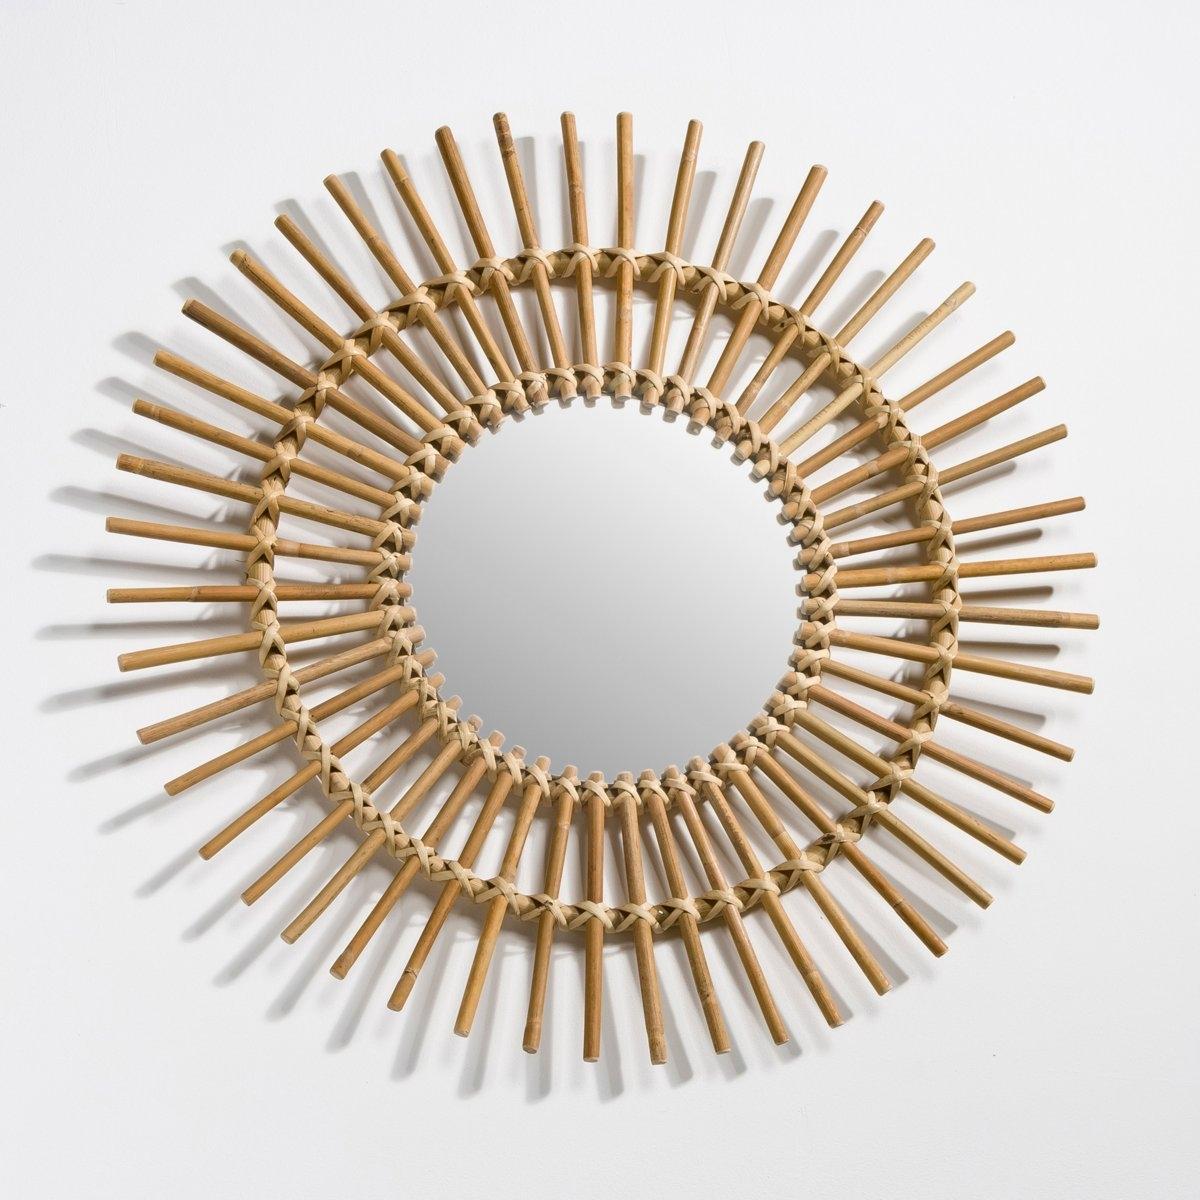 Винтажное зеркало в форме солнца из ротанга NoguВинтажное зеркало Nogu  . Воздушное винтажное зеркало в форме солнца Nogu прямо из 50-ых или 60-ых.Описание зеркала с отделкой из ротанга Nogu  :Настенное крепление, в комплект не входит..Характеристики зеркала Nogu :Натуральные ротанг и тростник.Отделка натуральных цветов..Найдите все вещи из коллекции Nogu на сайте laredoute.ru.  Размеры зеркала Nogu :    Зеркало : Диаметр : 26,5 смОбщие : Диаметр : 70 см.<br><br>Цвет: серо-бежевый